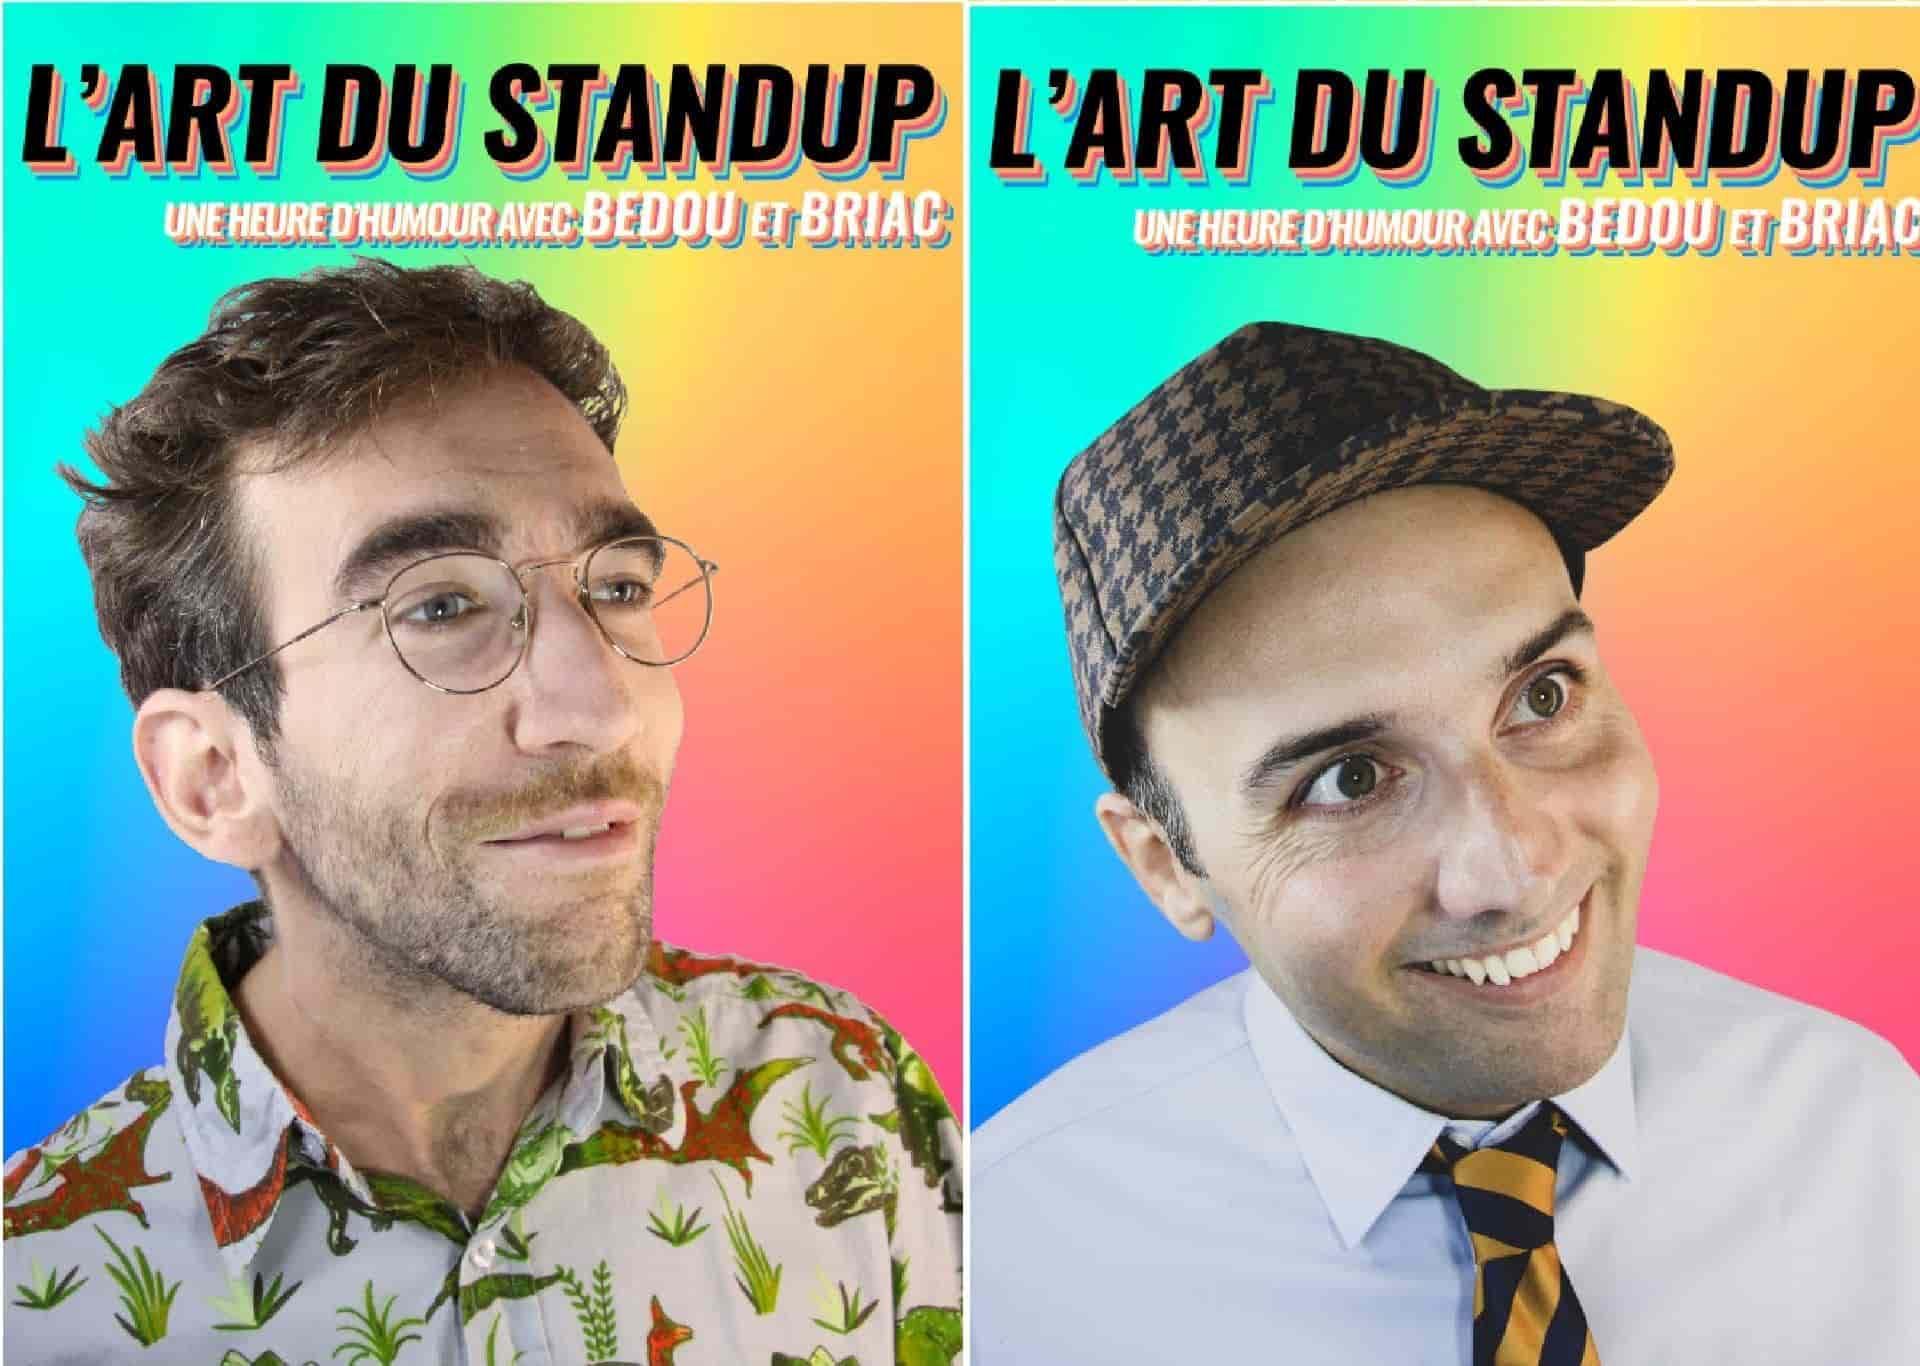 L'Art du stand up - Bedou - Briac - Rodage - L'Art Dû - Marseille - 13006 - Théâtre - Humour